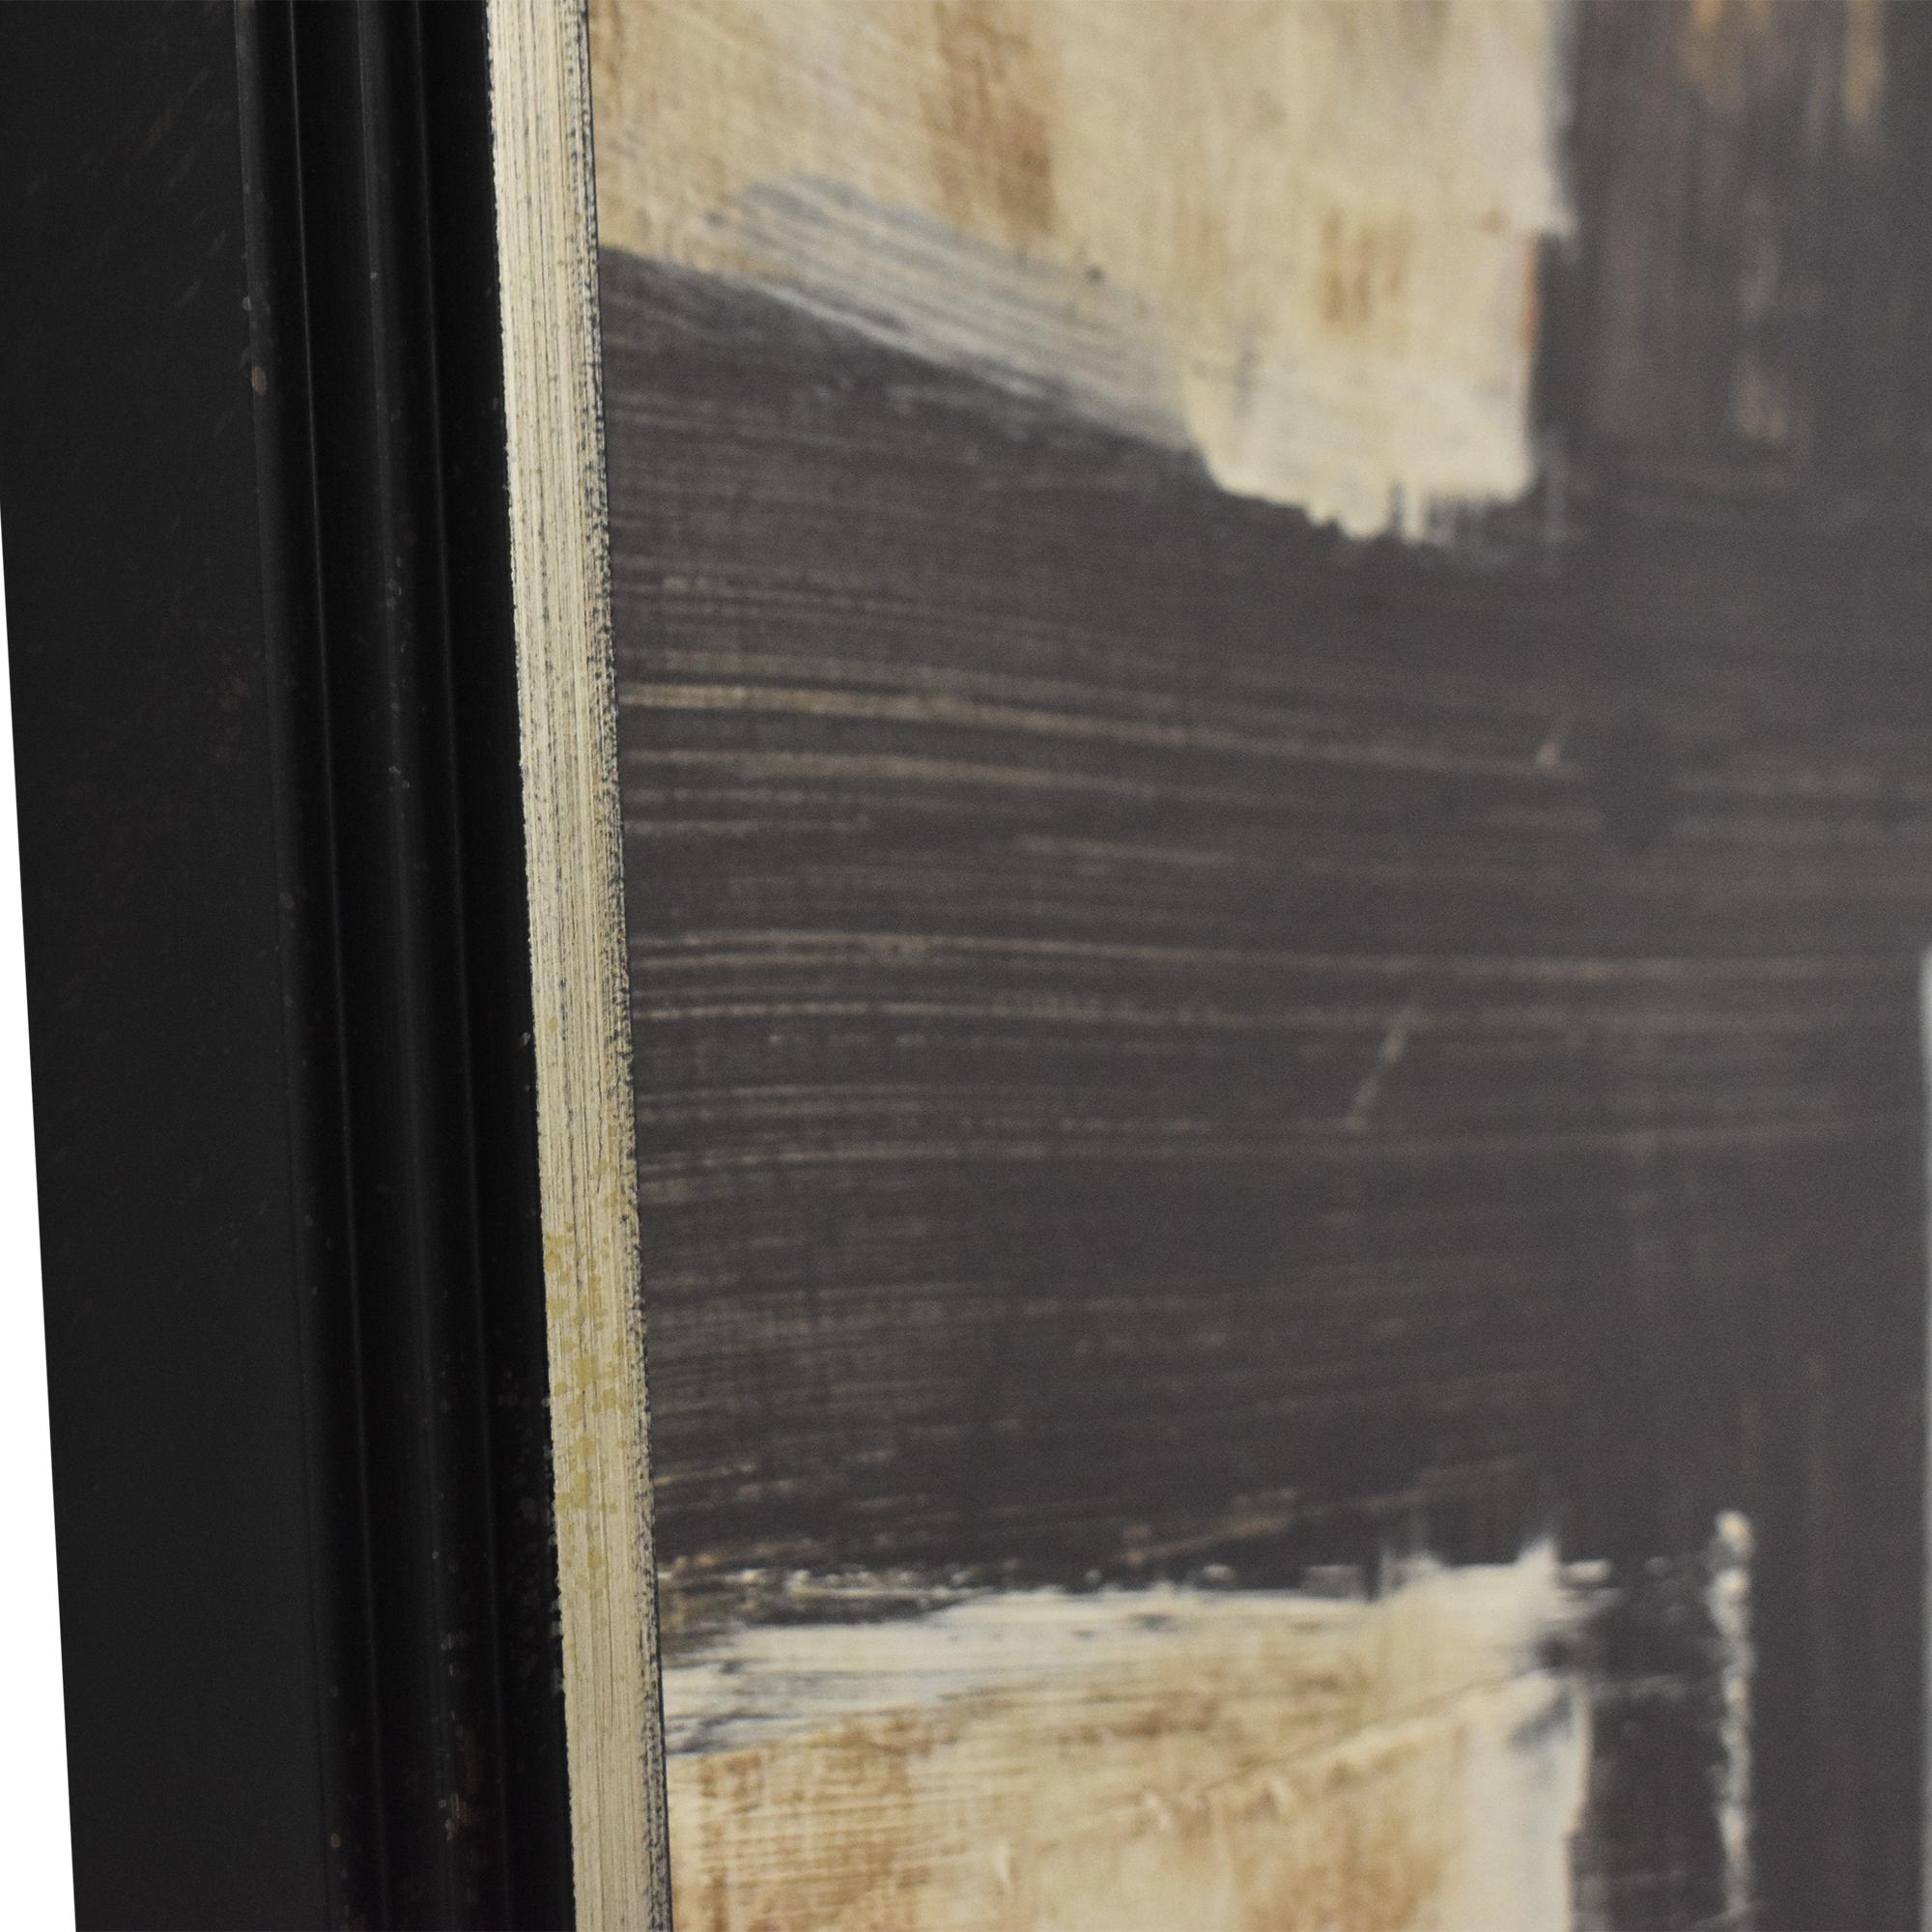 Ethan Allen Ethan Allen Austere IV by John Palmer Wall Art Decor